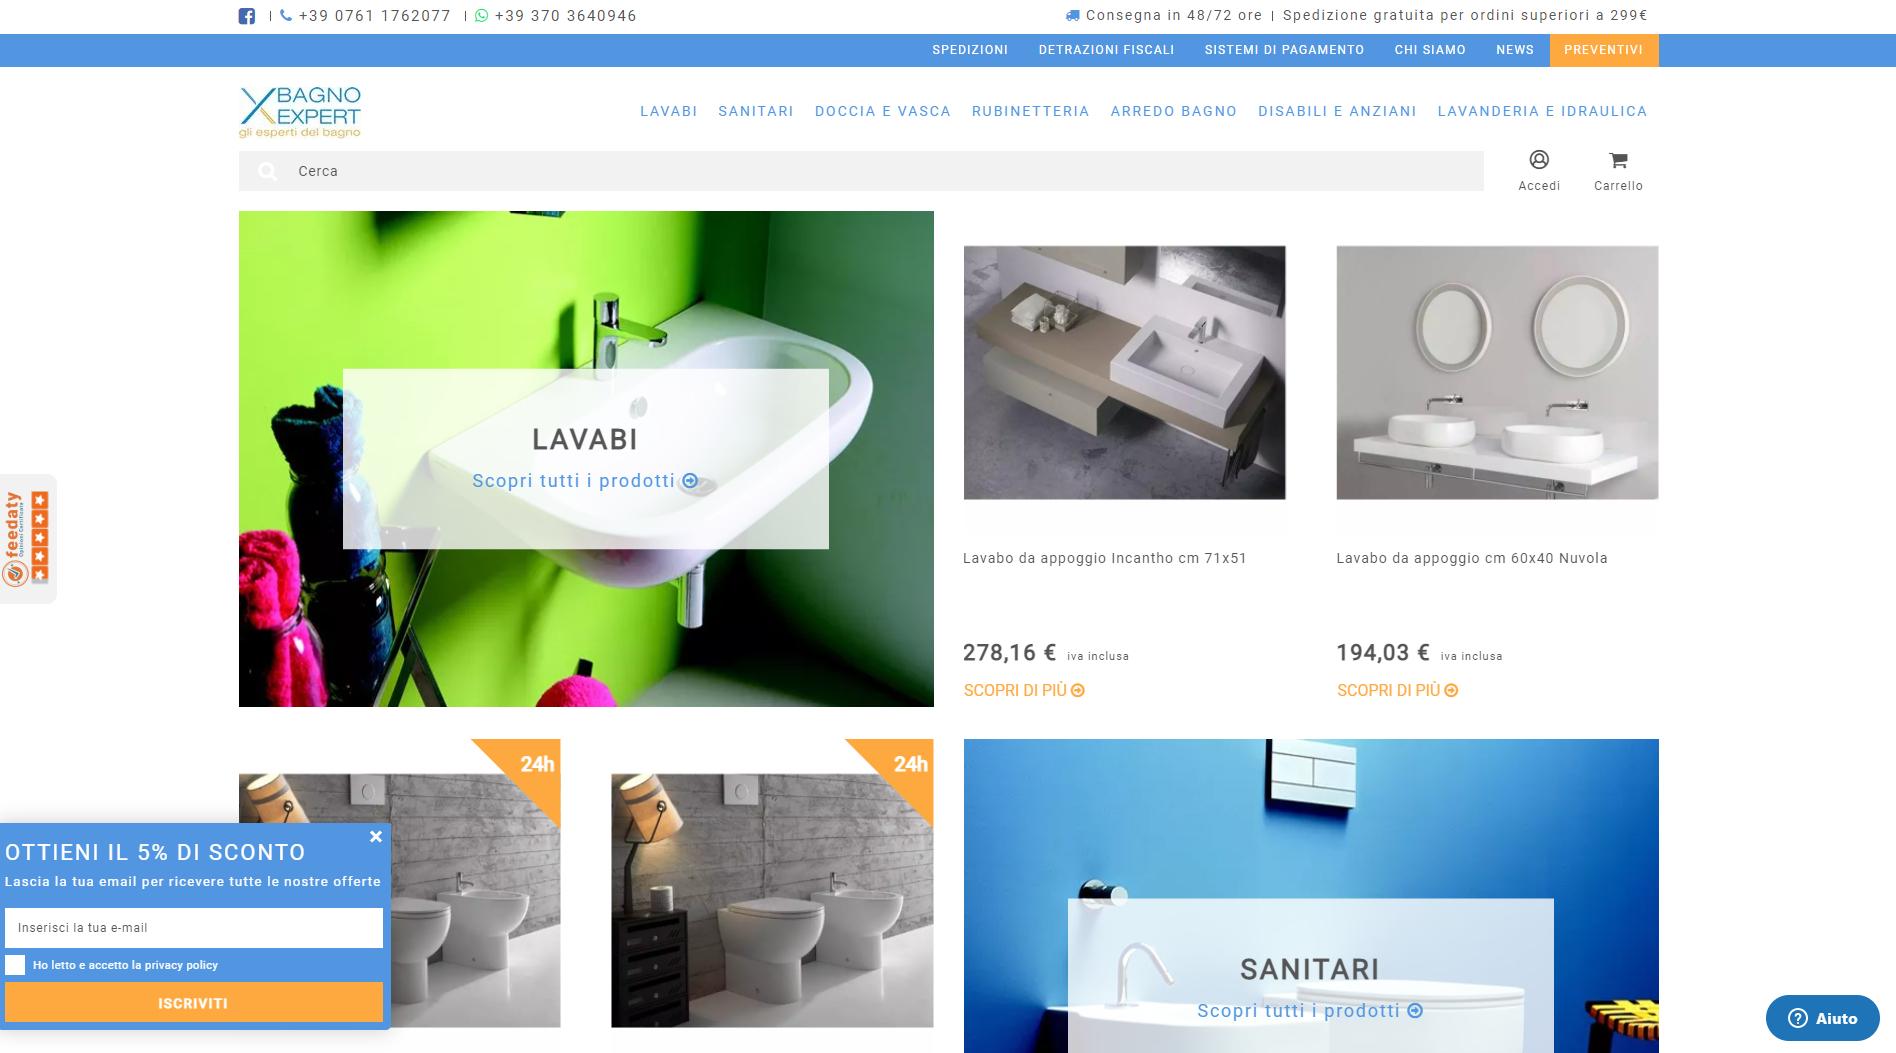 Bagno Expert tra i migliori e-commerce di arredobagno del 2020